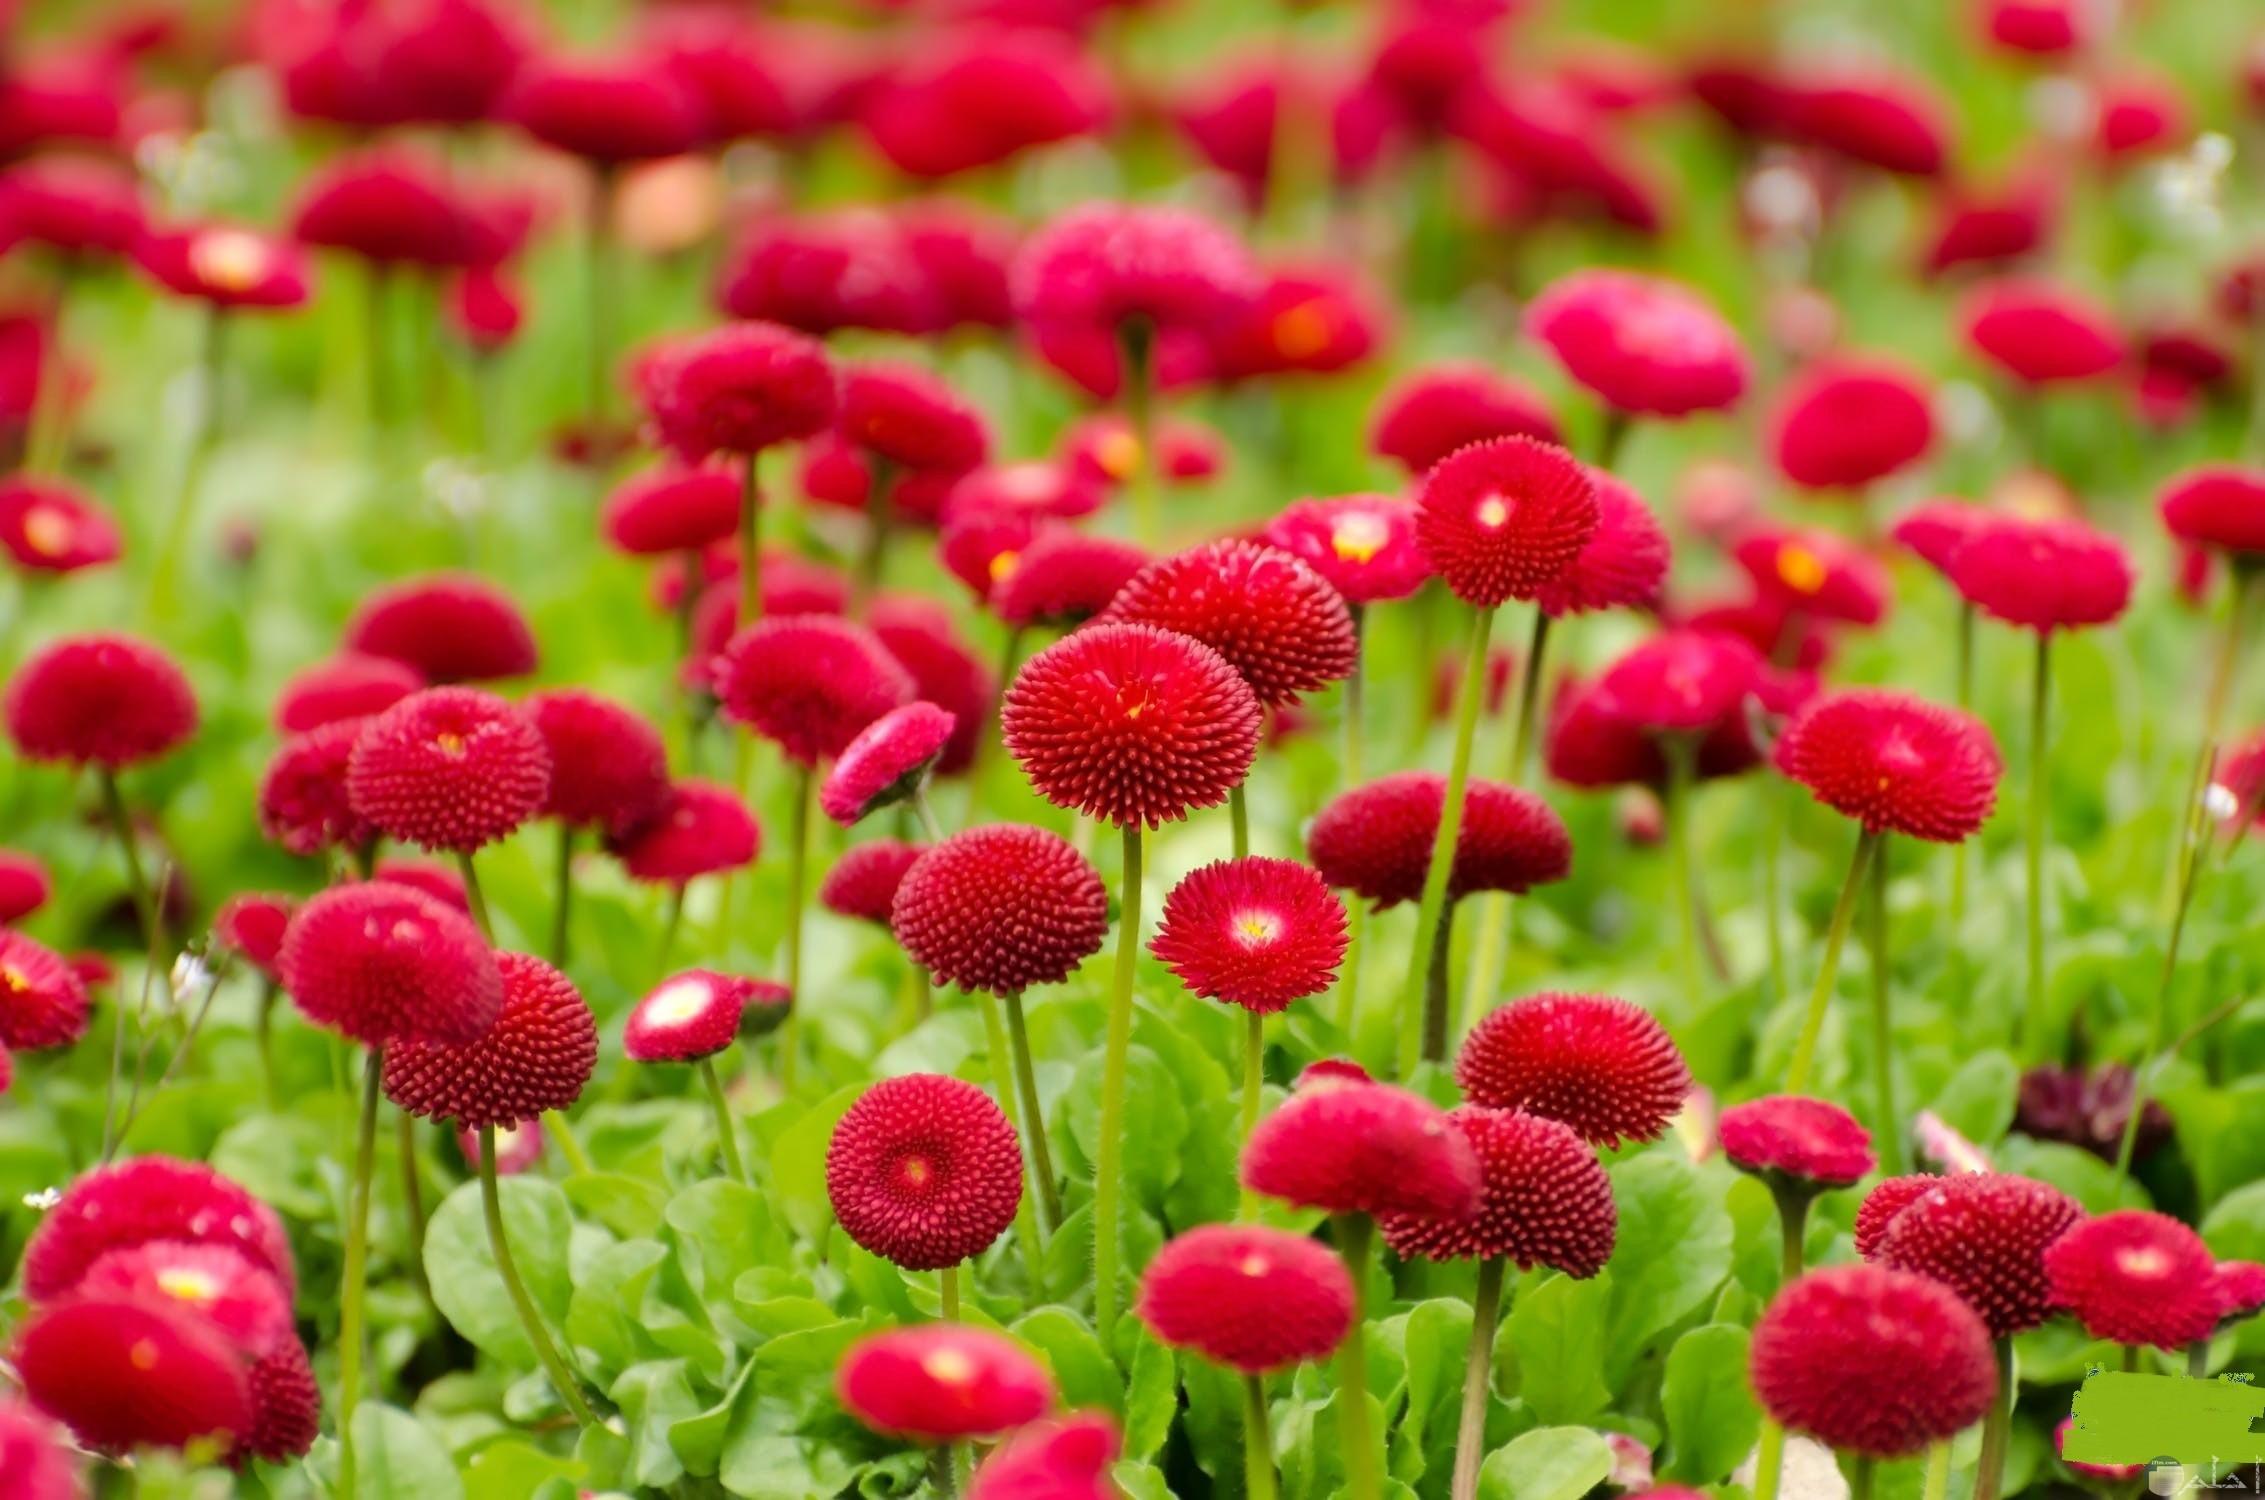 تتفتح الزهور فى شم النسيم.